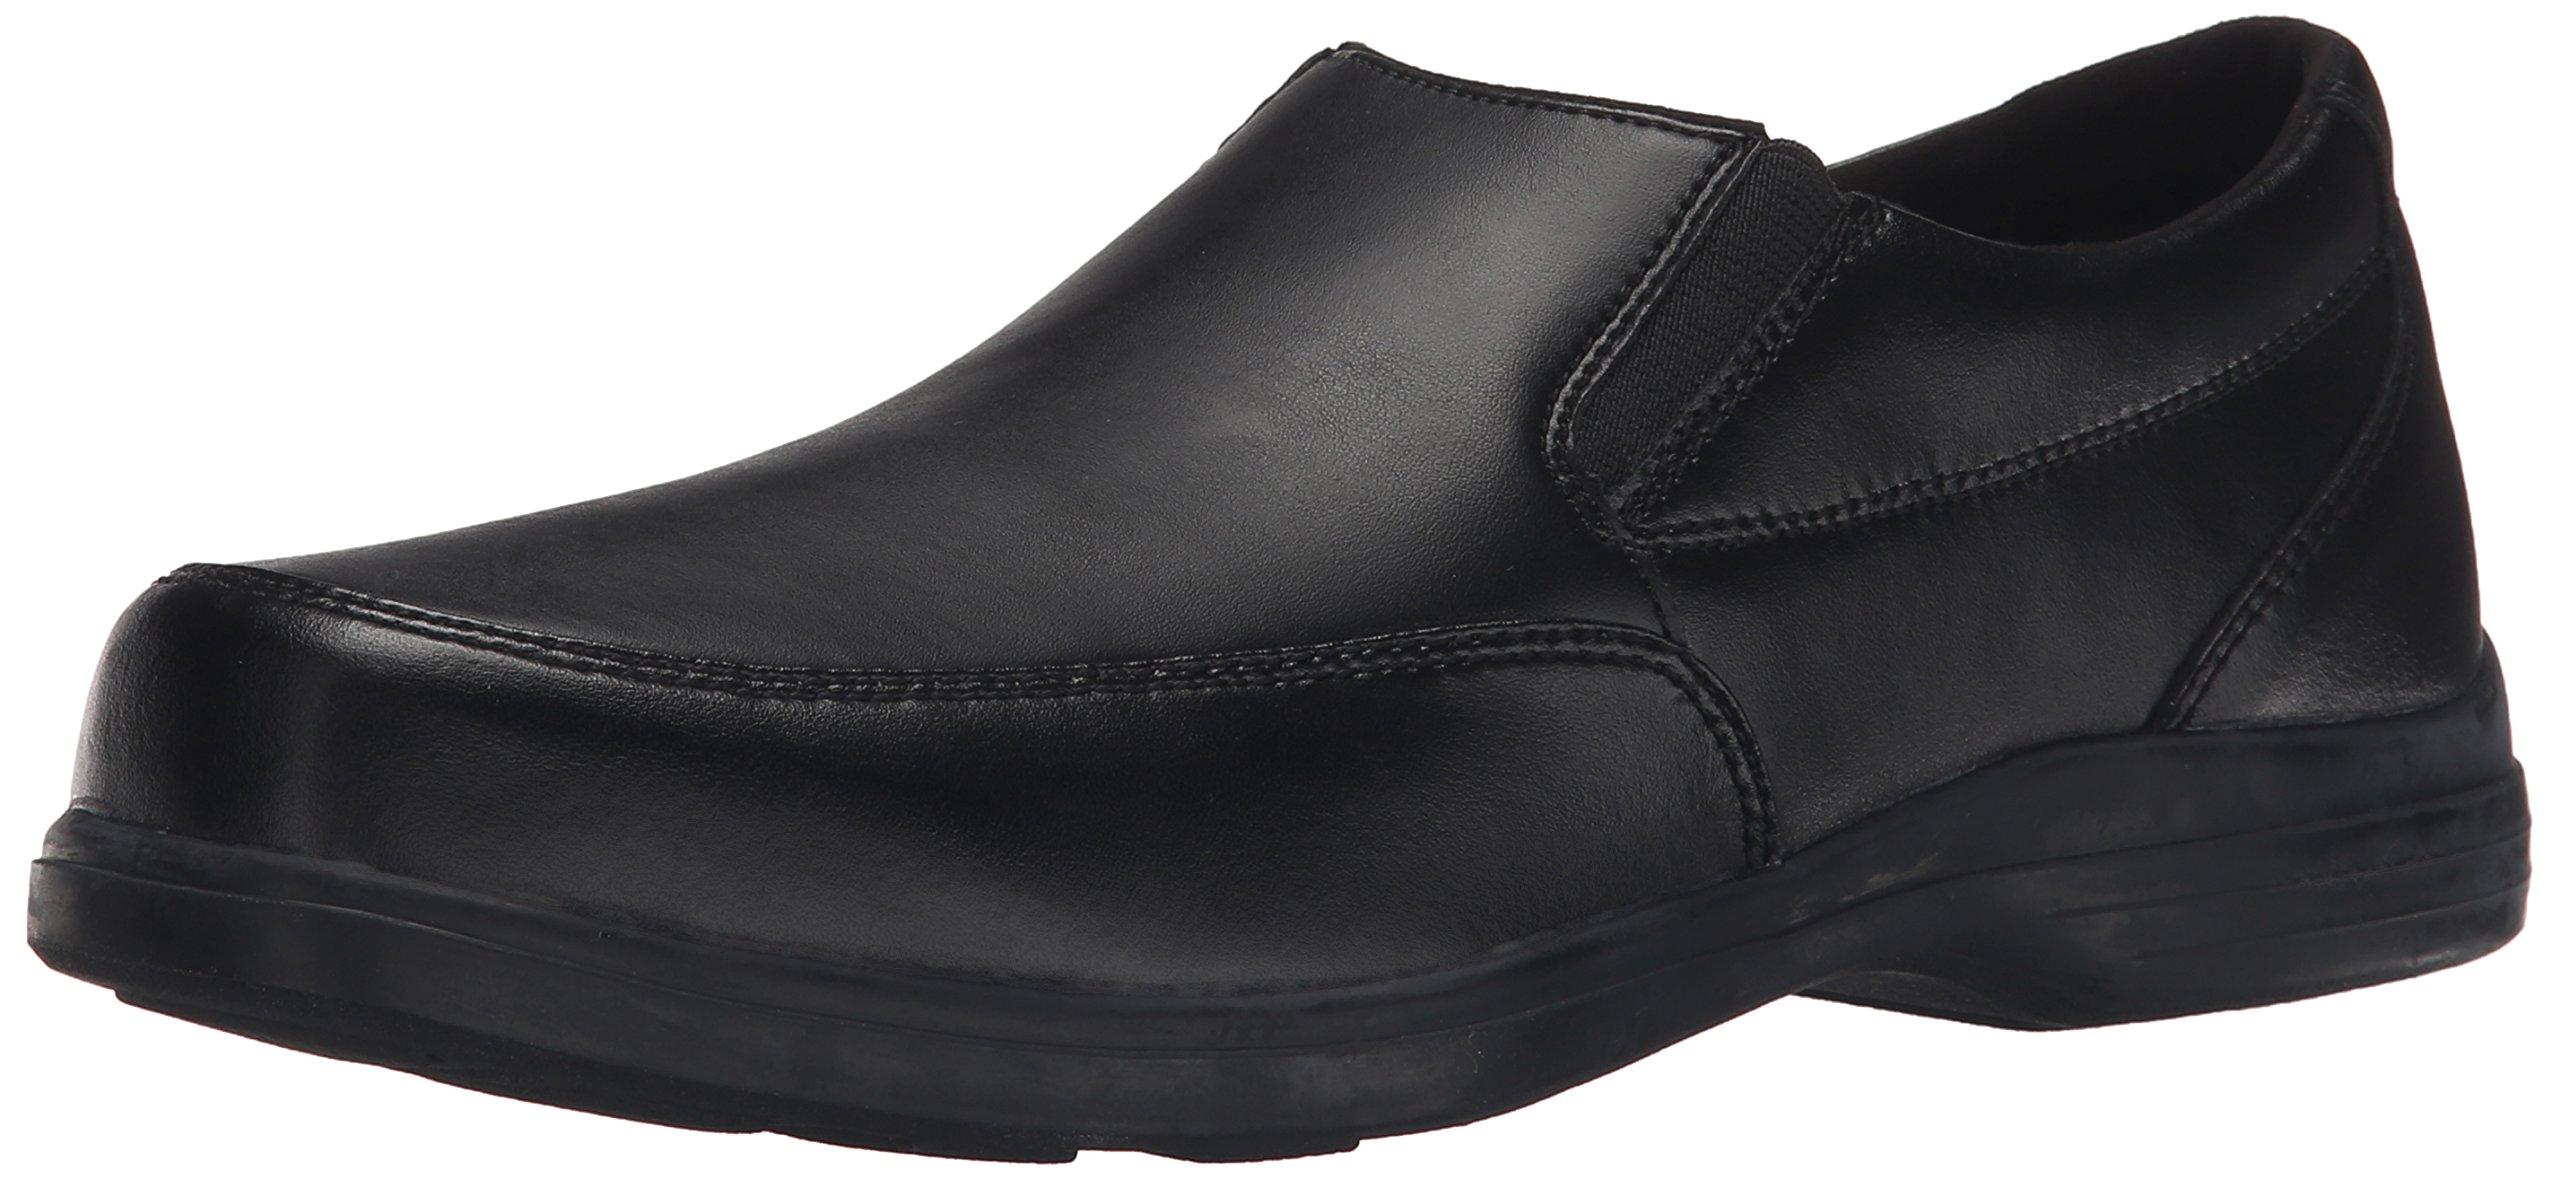 Hush Puppies Shane Uniform Dress Shoe (Toddler/Little Kid/Big Kid), Black, 9 W US Toddler